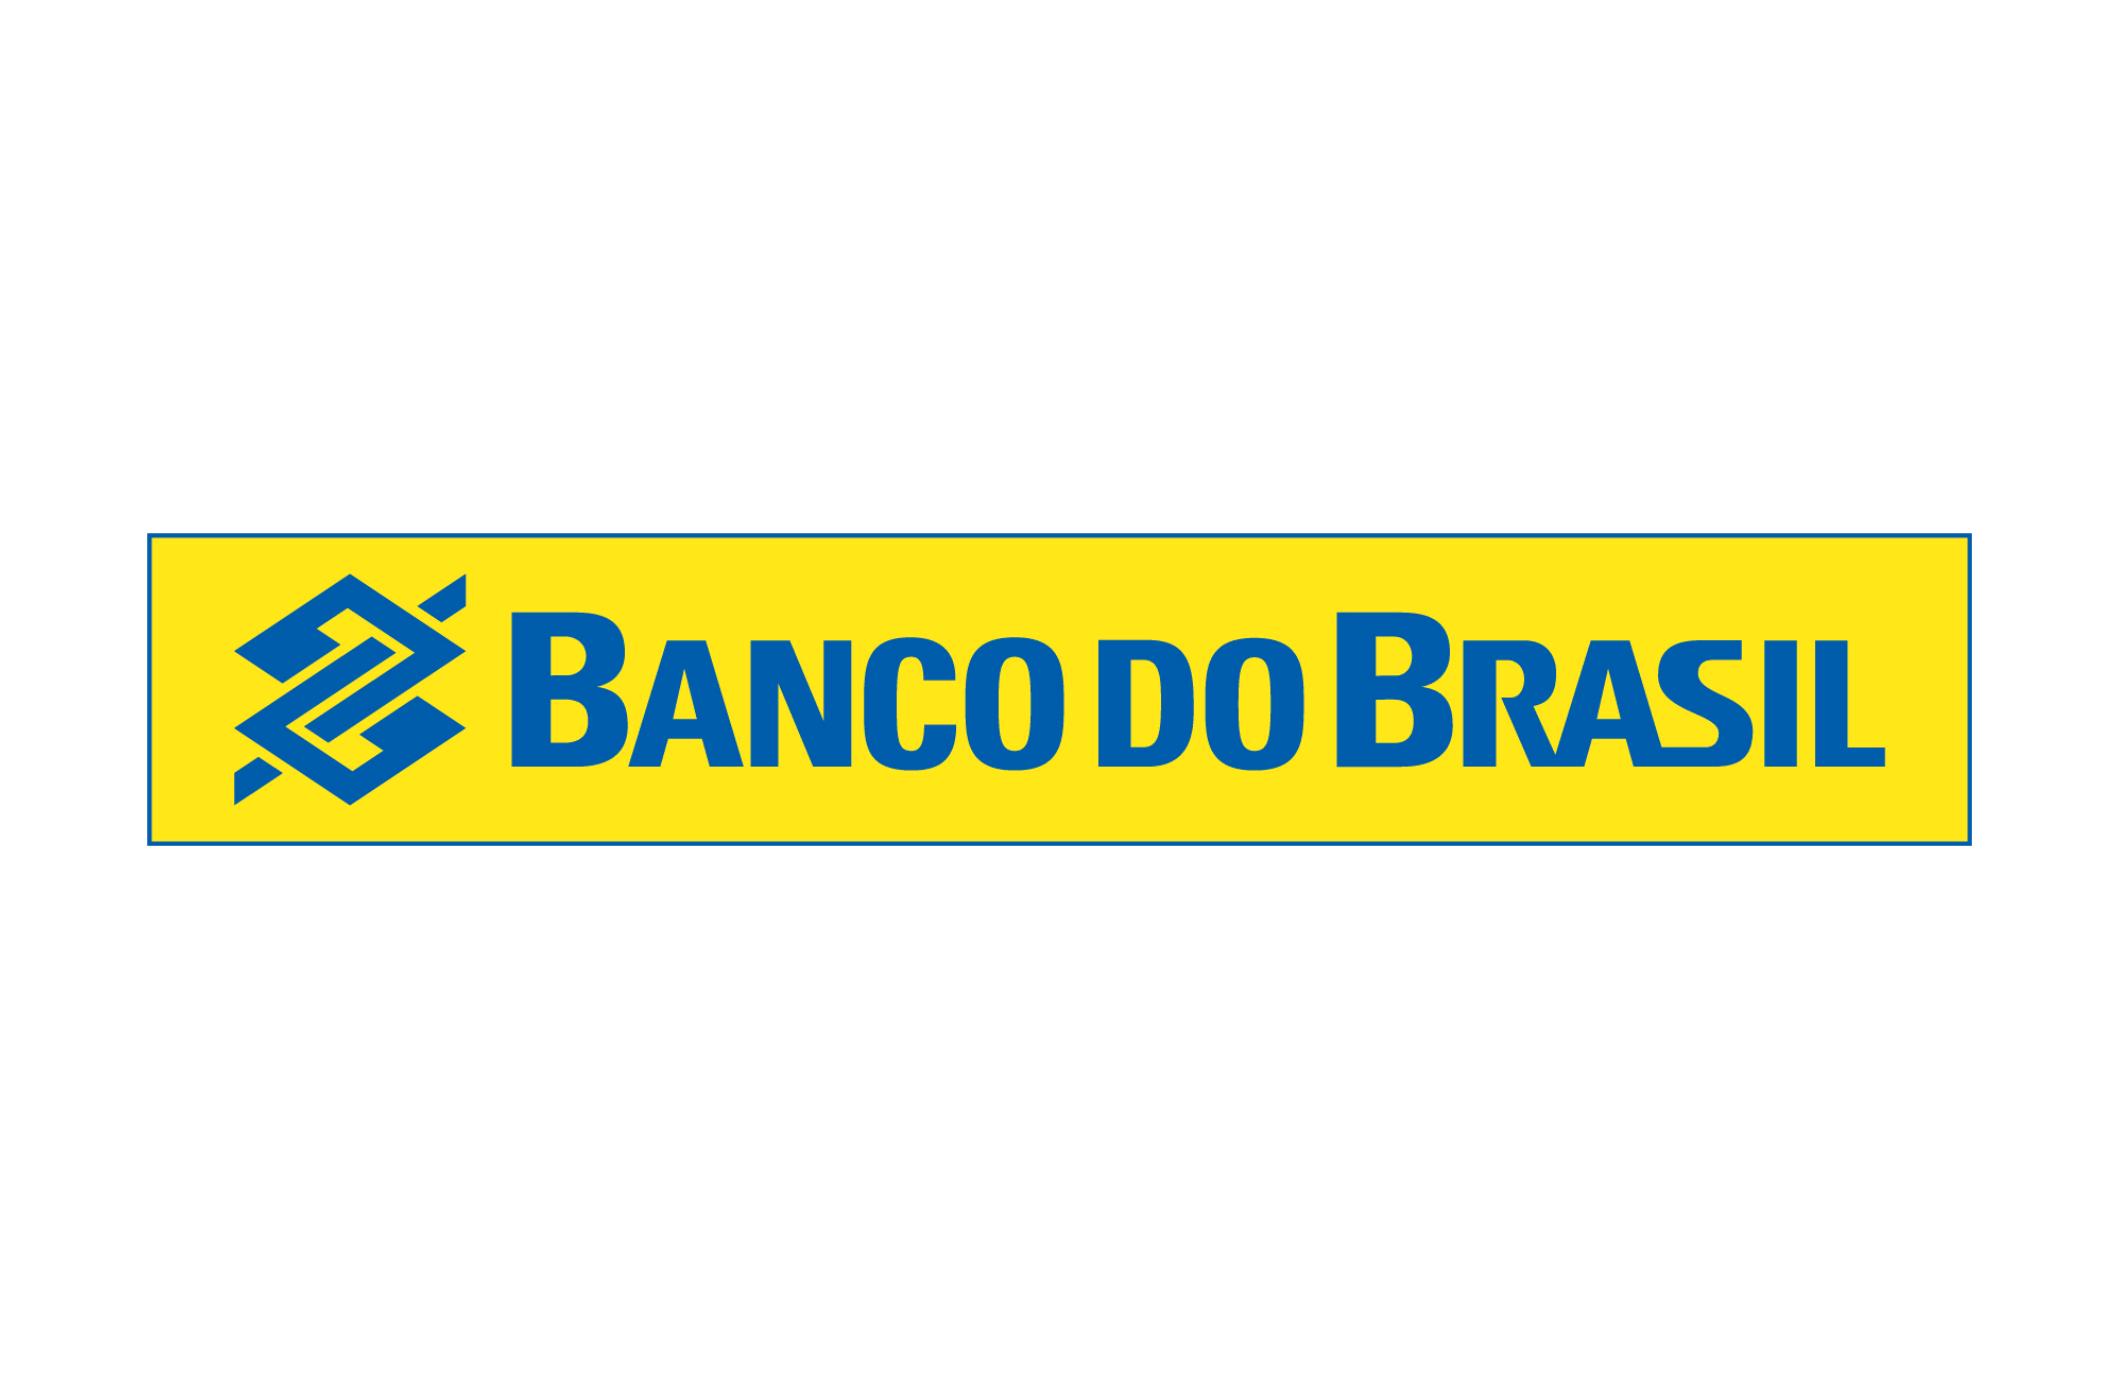 Telefones e Sac do Banco do Brasil